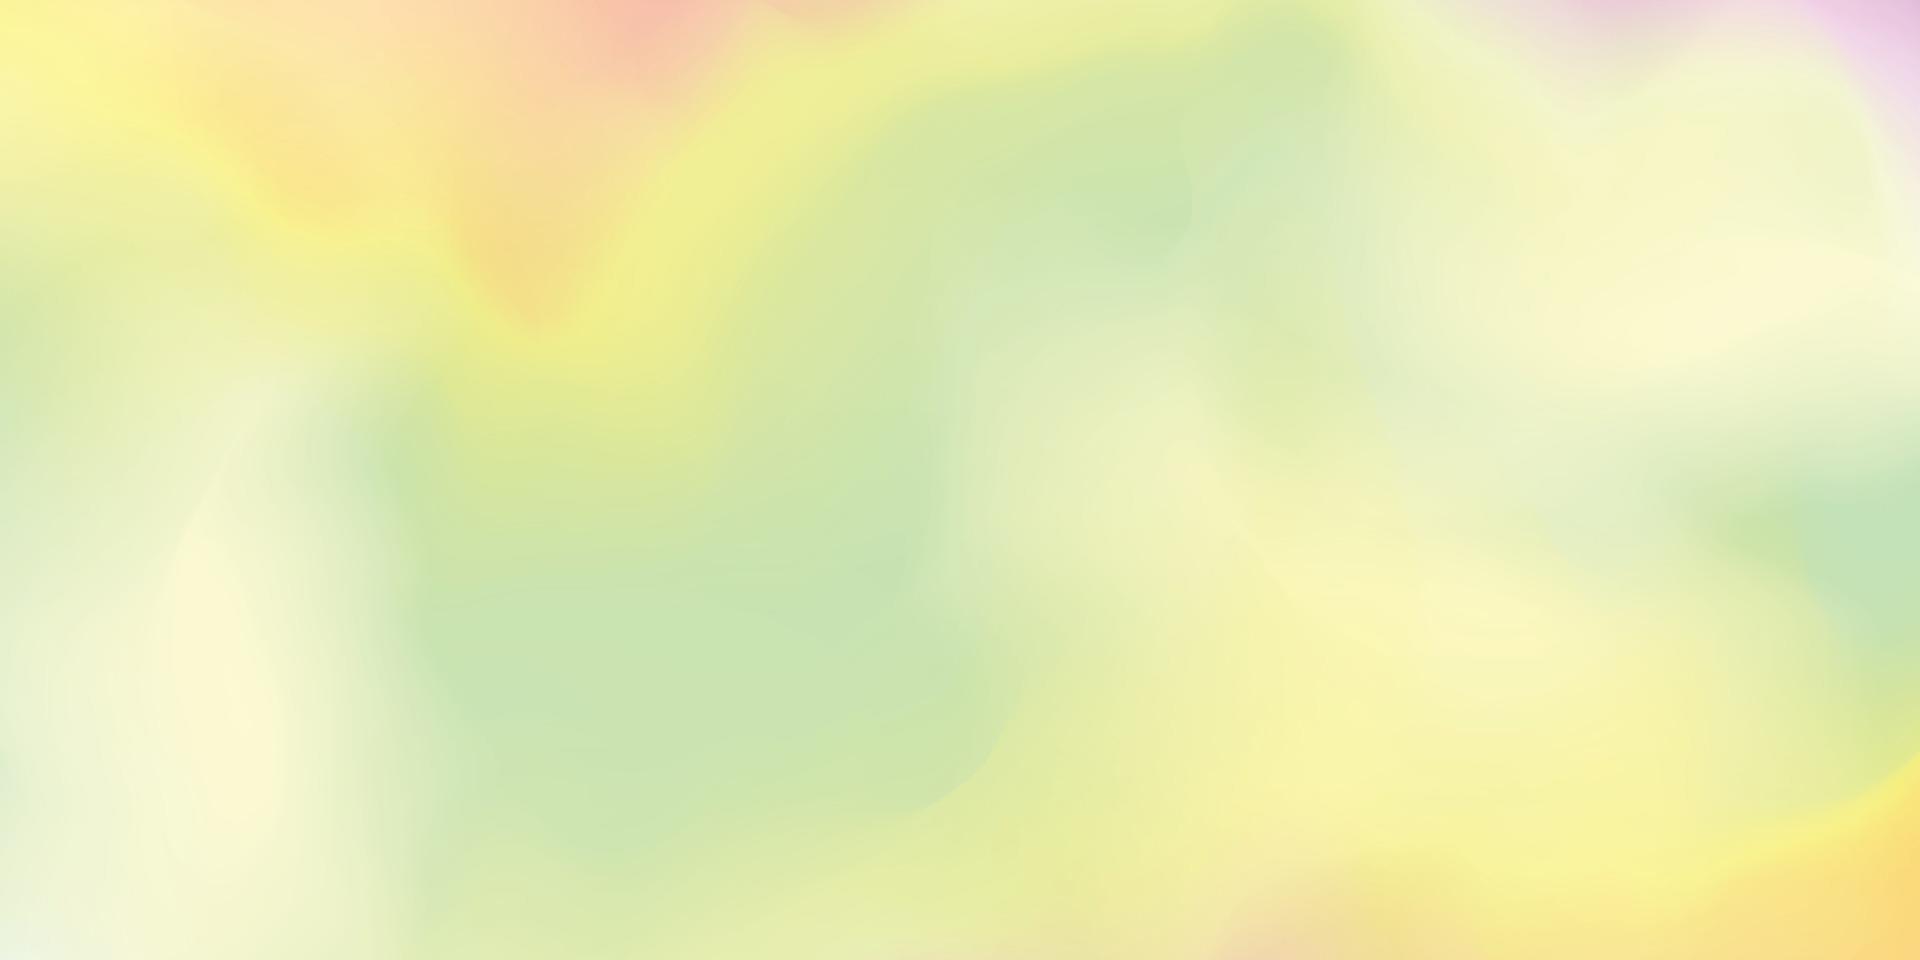 Concepto de fondo degradado colorido pastel abstracto para su diseño gráfico, vector